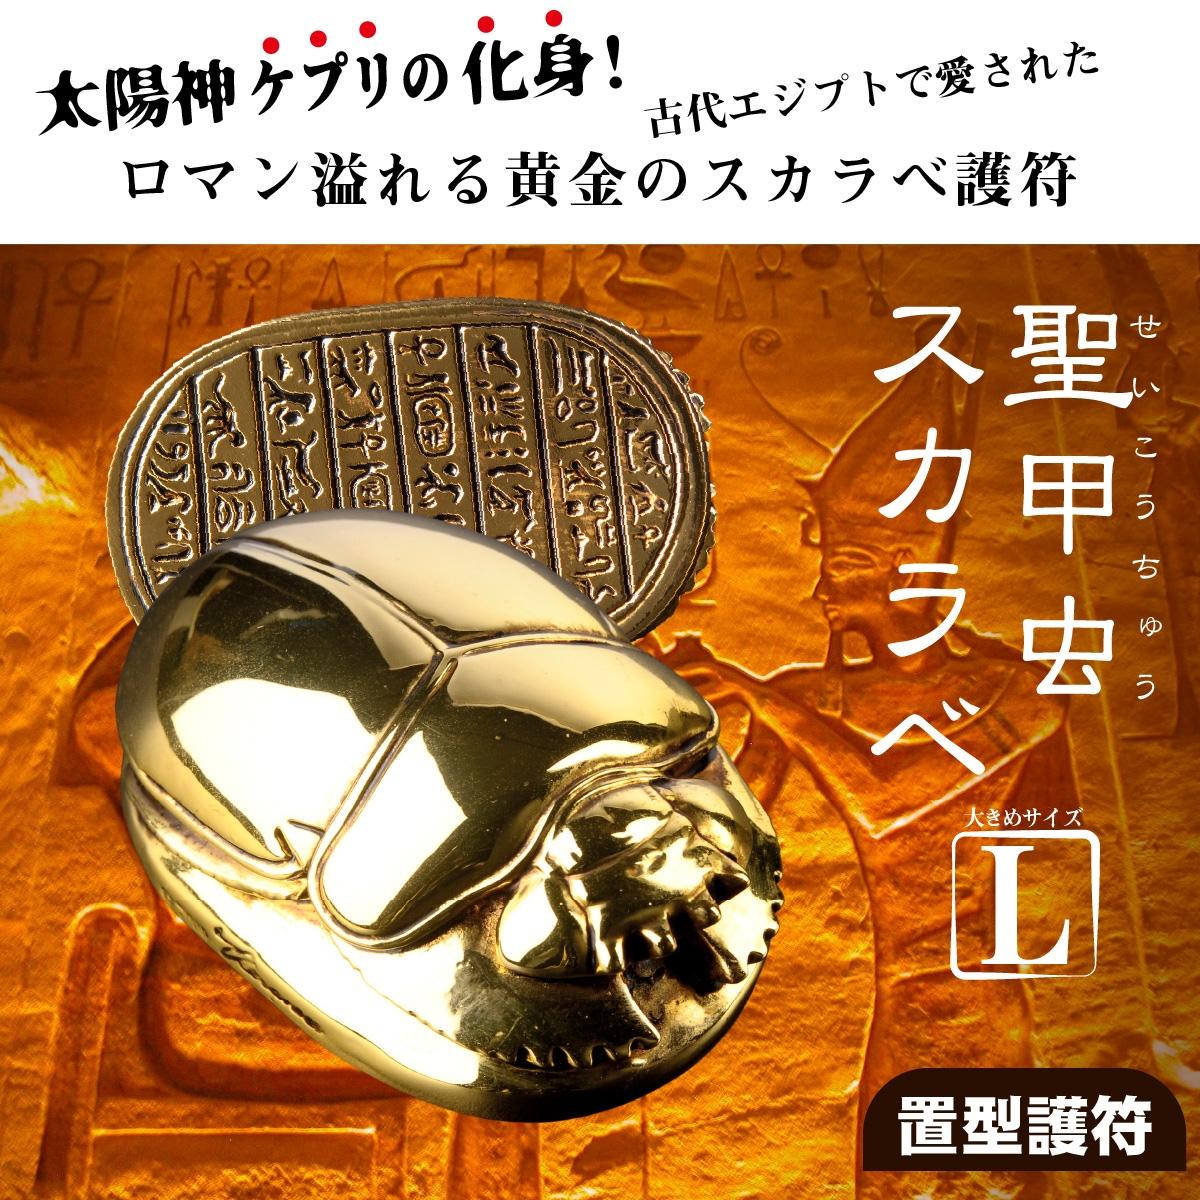 【繁栄のお守り】 聖甲虫スカラベ L ≫古代エジプト-太陽神ケプリ縁起 開運グッズ